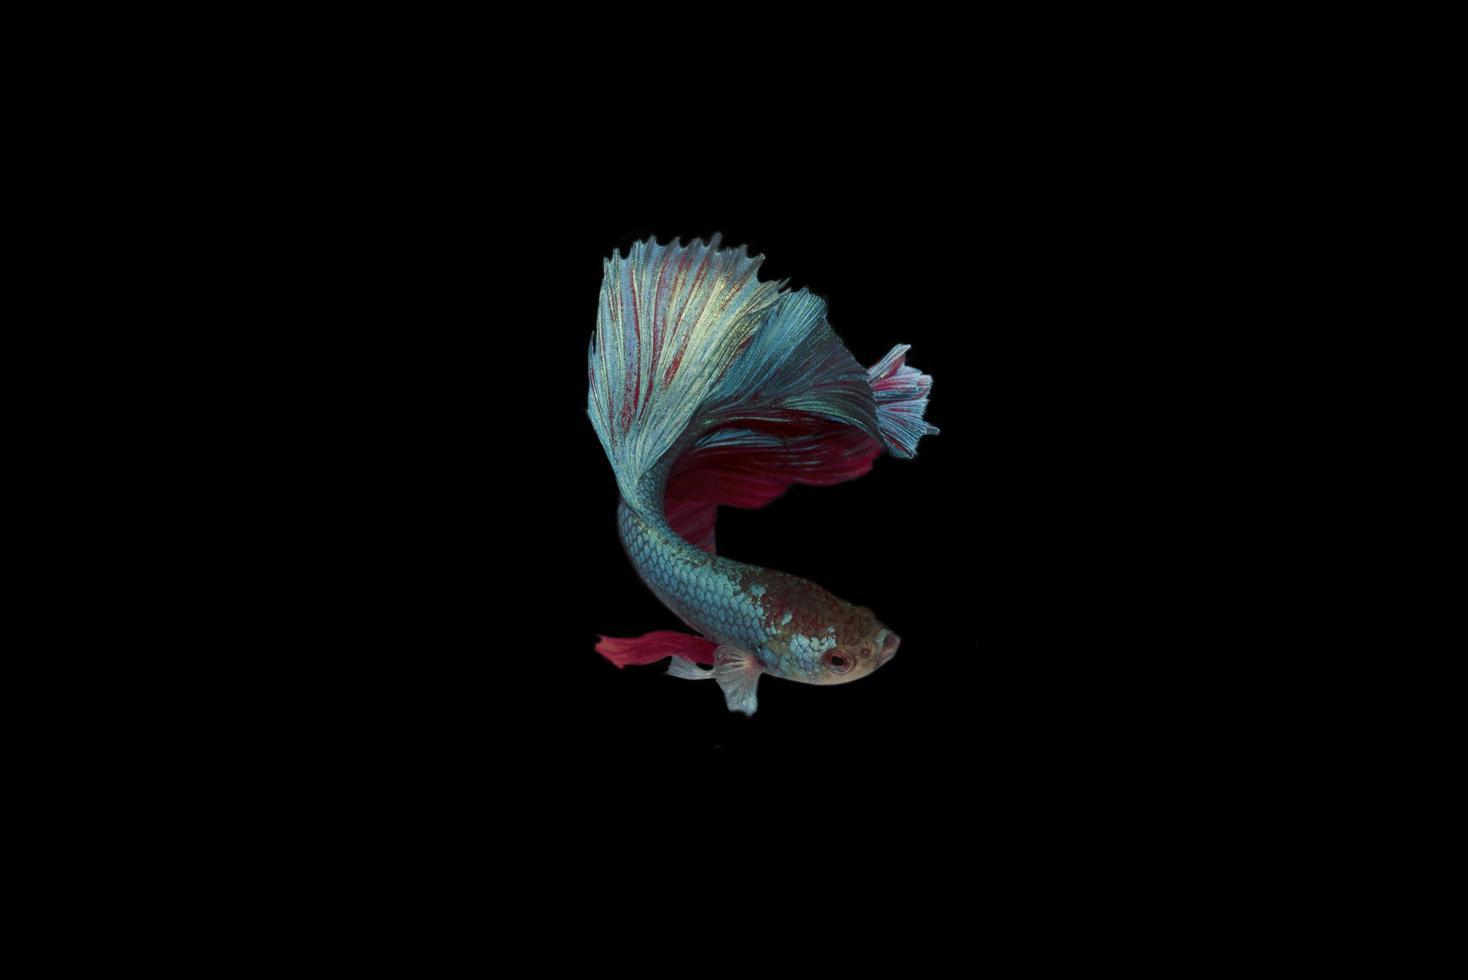 mezzaluna siamese betta pesce combattente foto